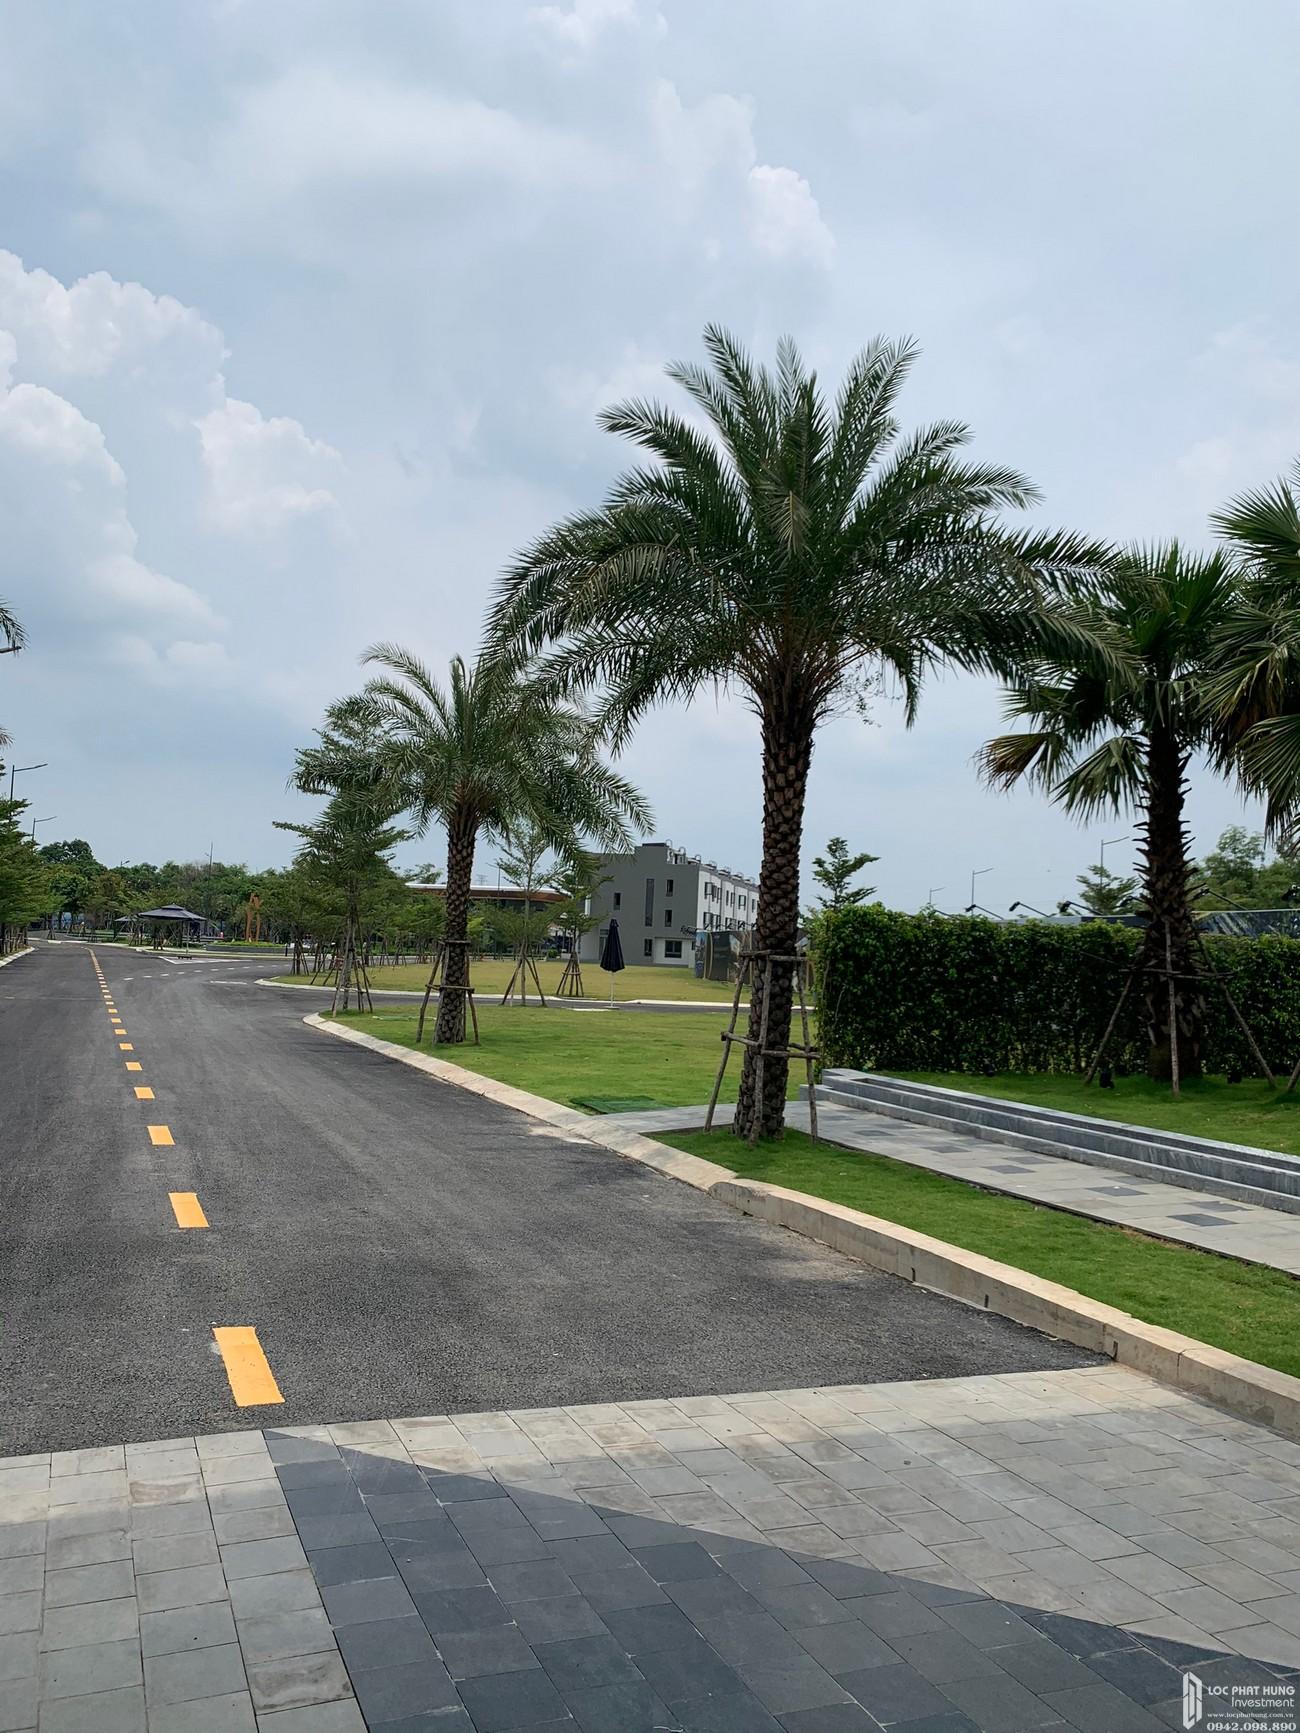 Tiến độ dự án nhà phố The Standard Bình Dương chủ đầu tư An Gia - ngày 08/09/2020